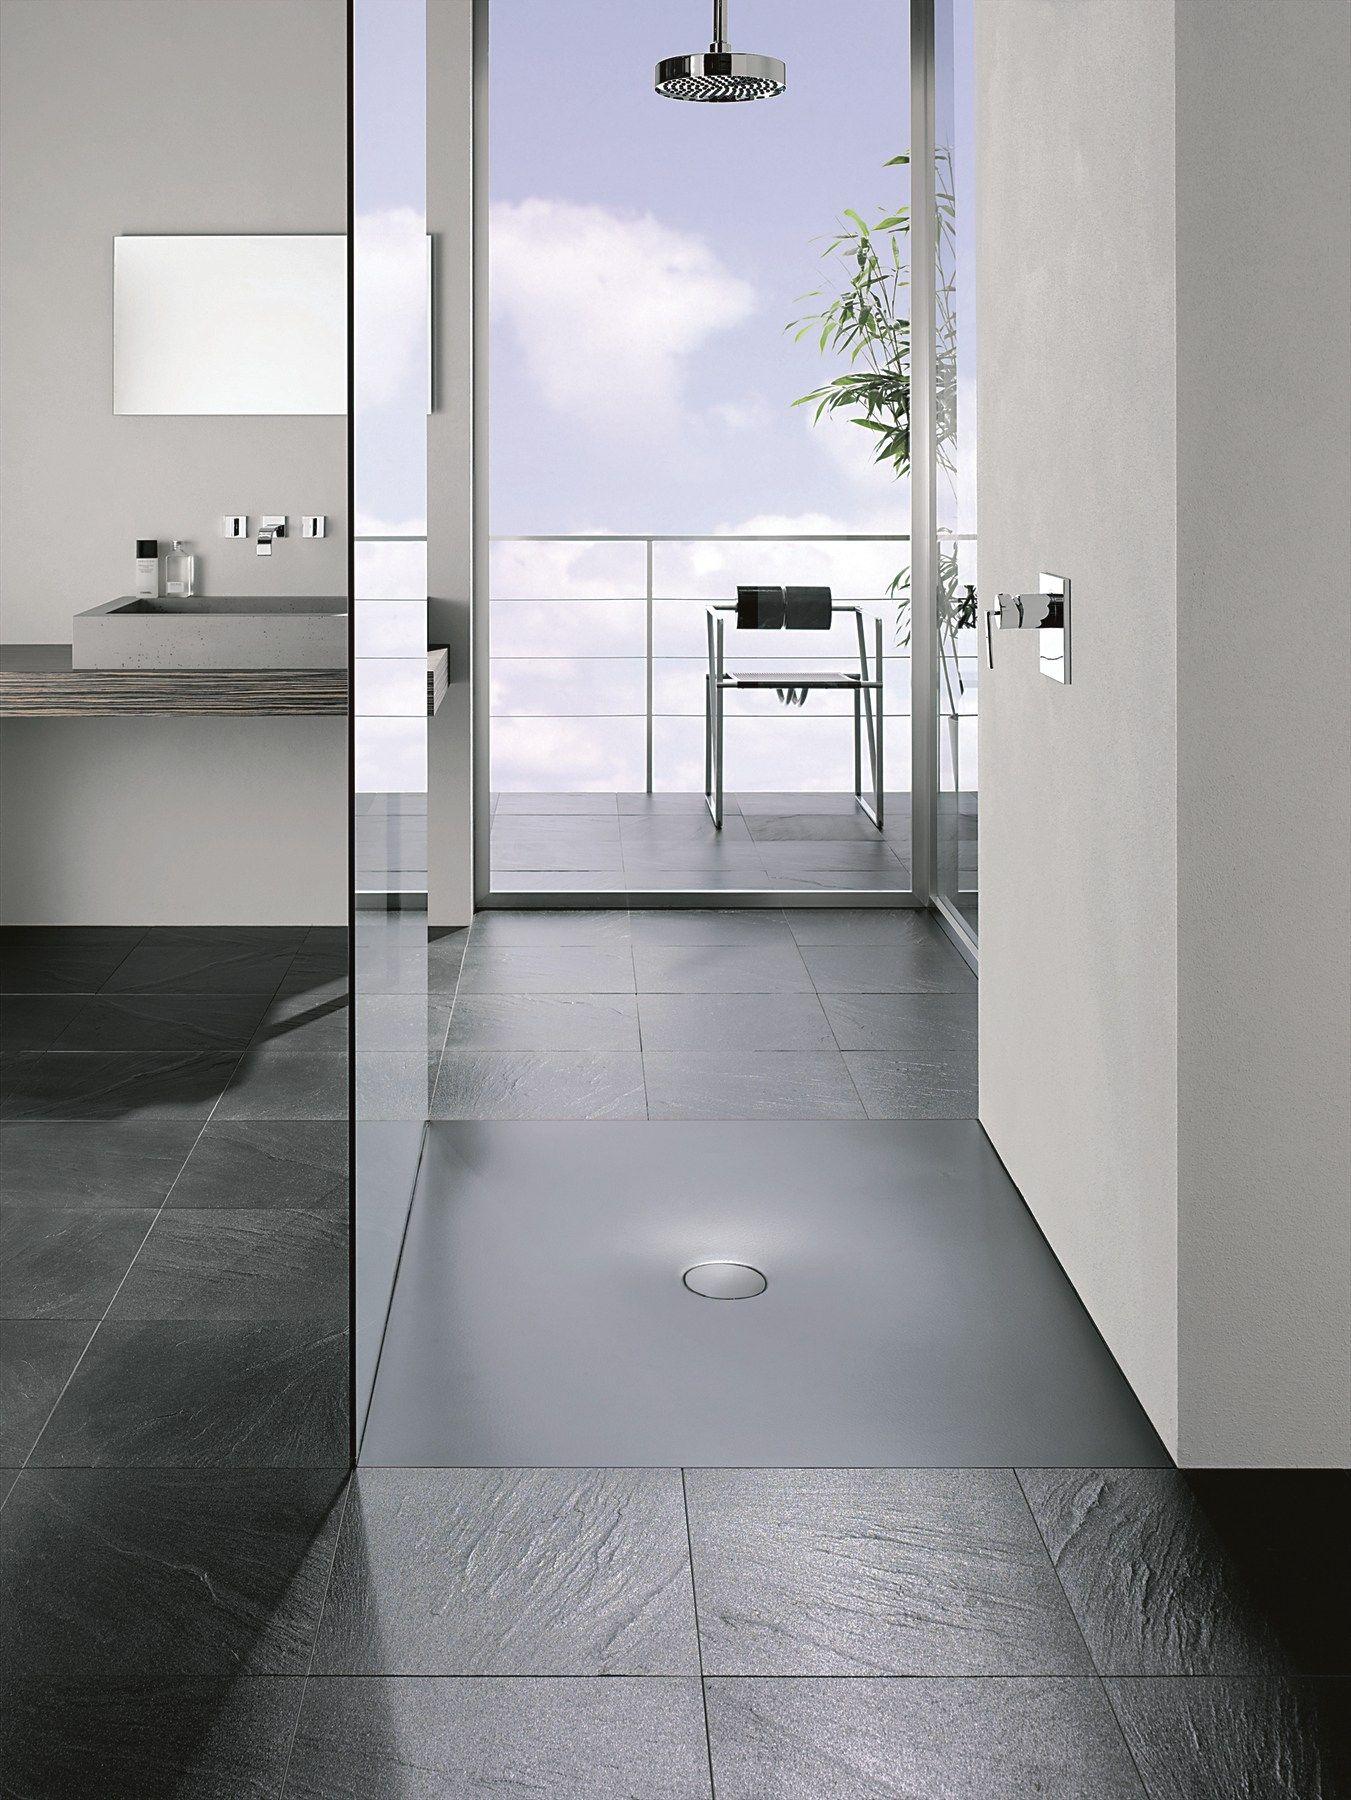 Wasserablauf Dusche flush fitting rectangular enamelled steel shower tray bettefloor